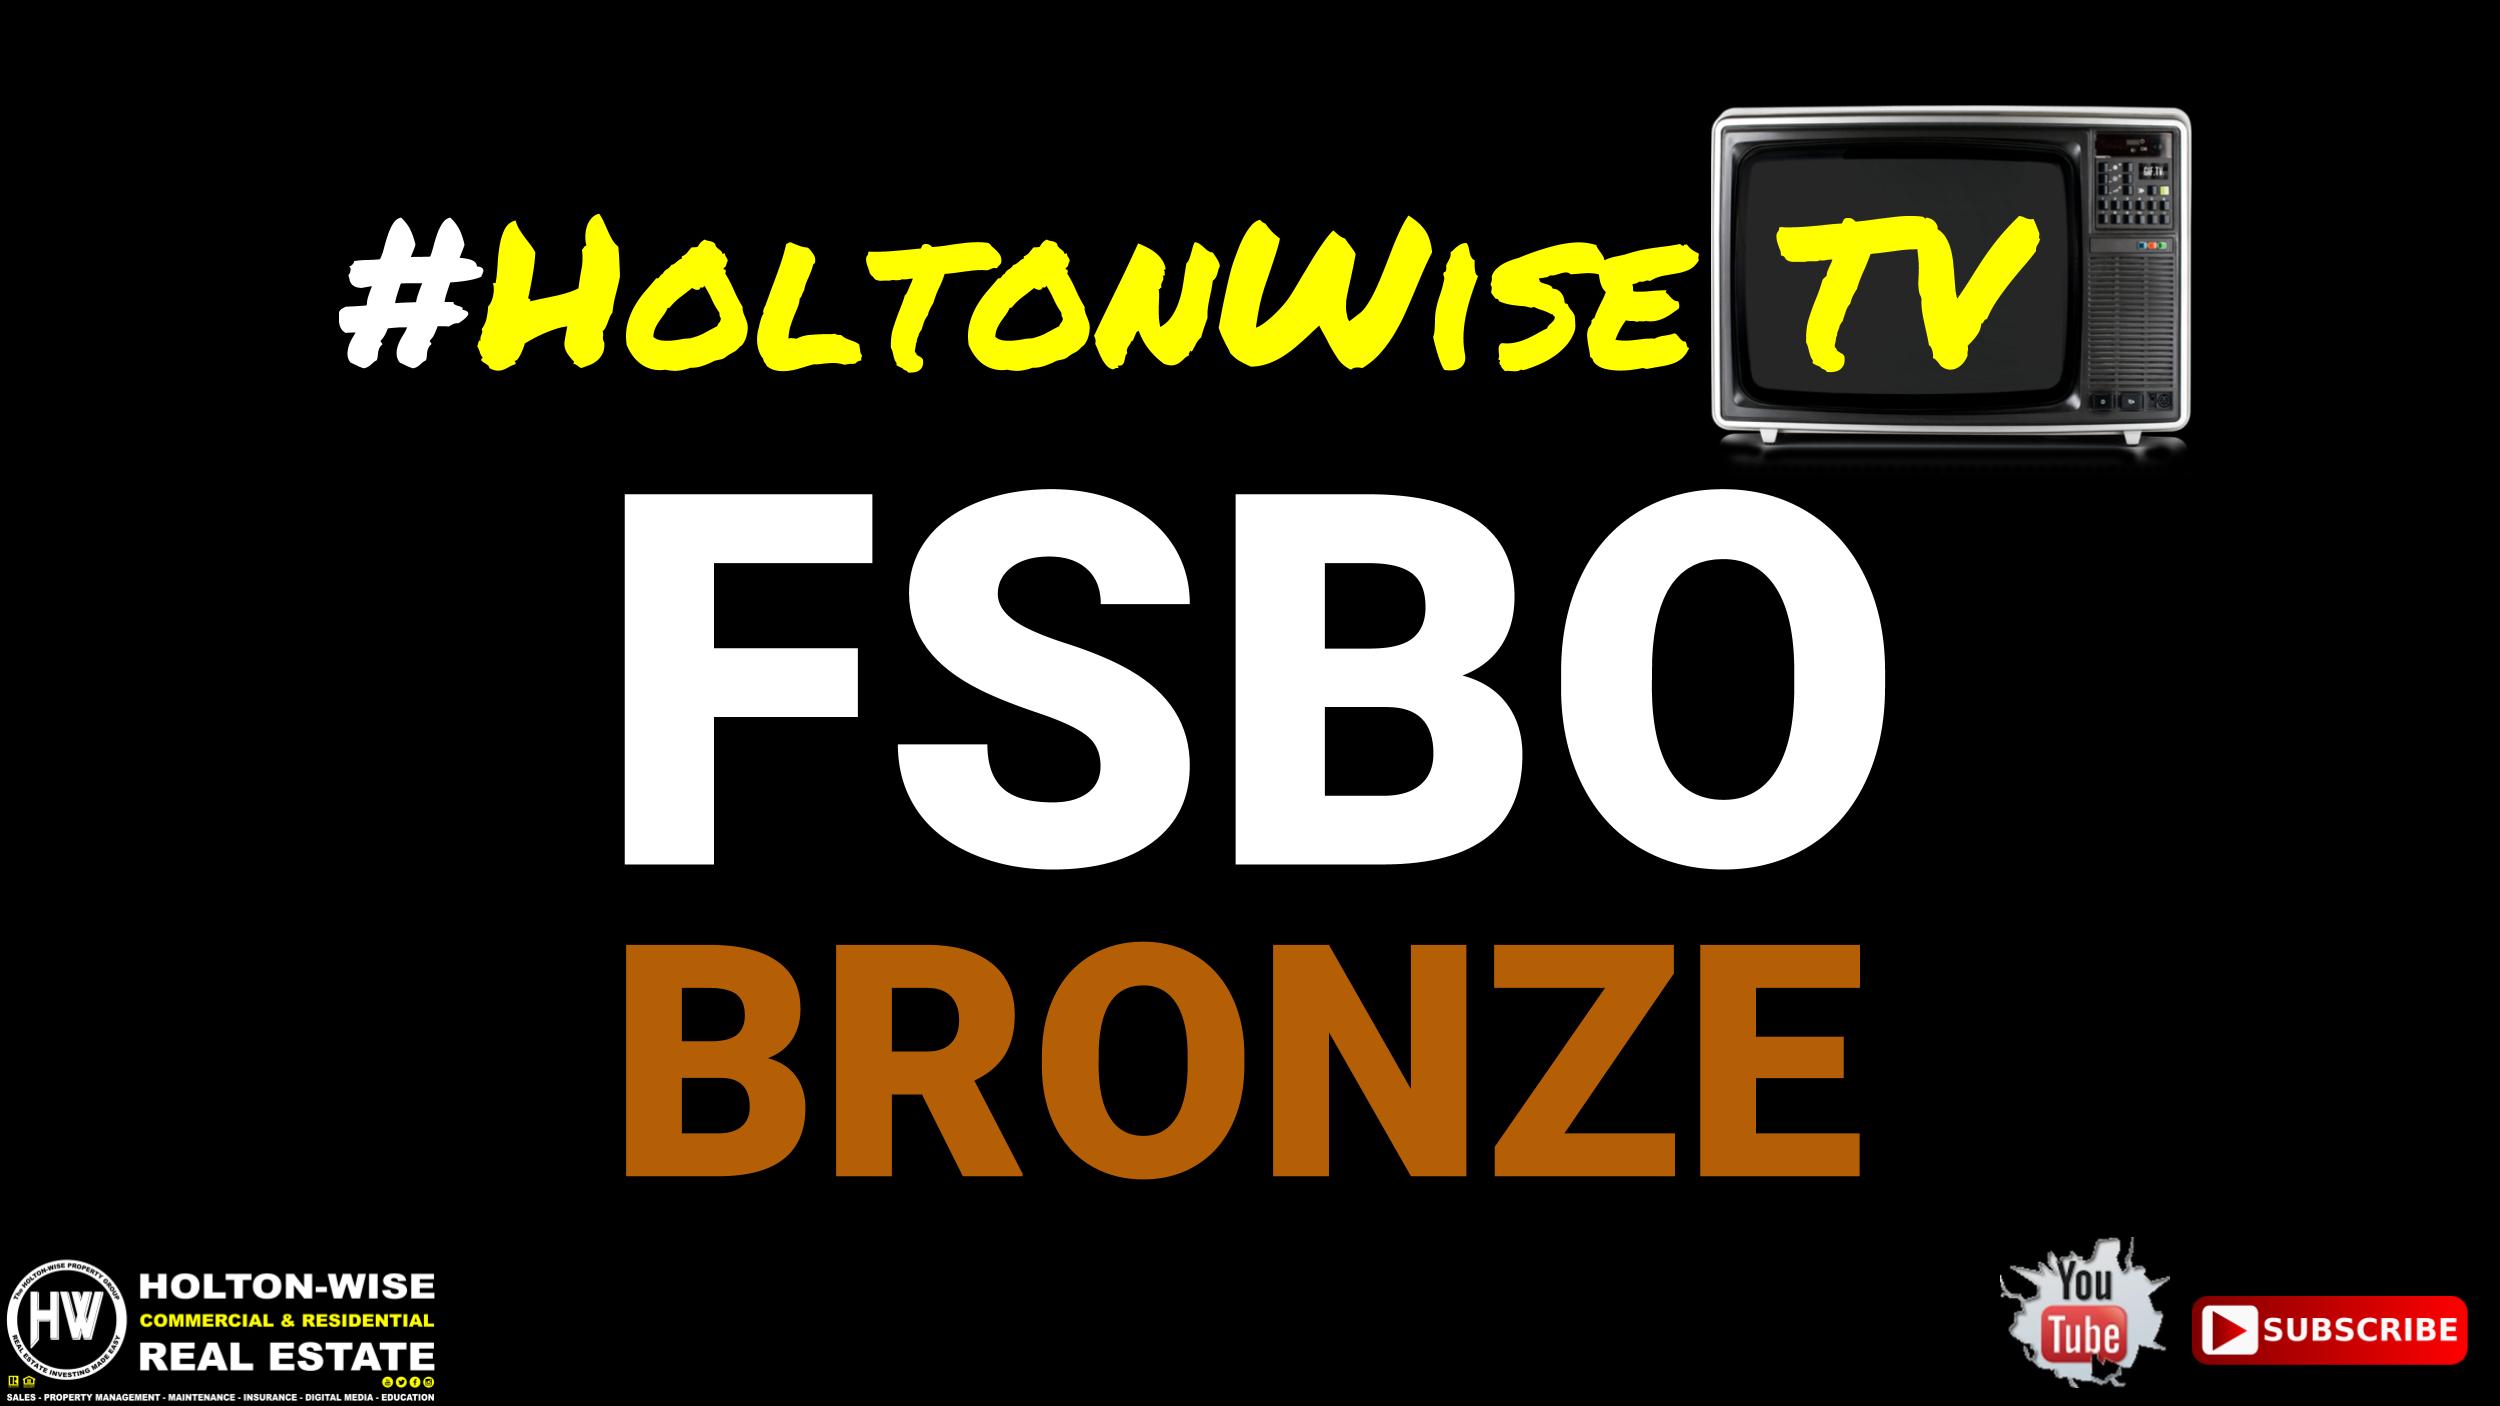 FSBO Package - Bronze